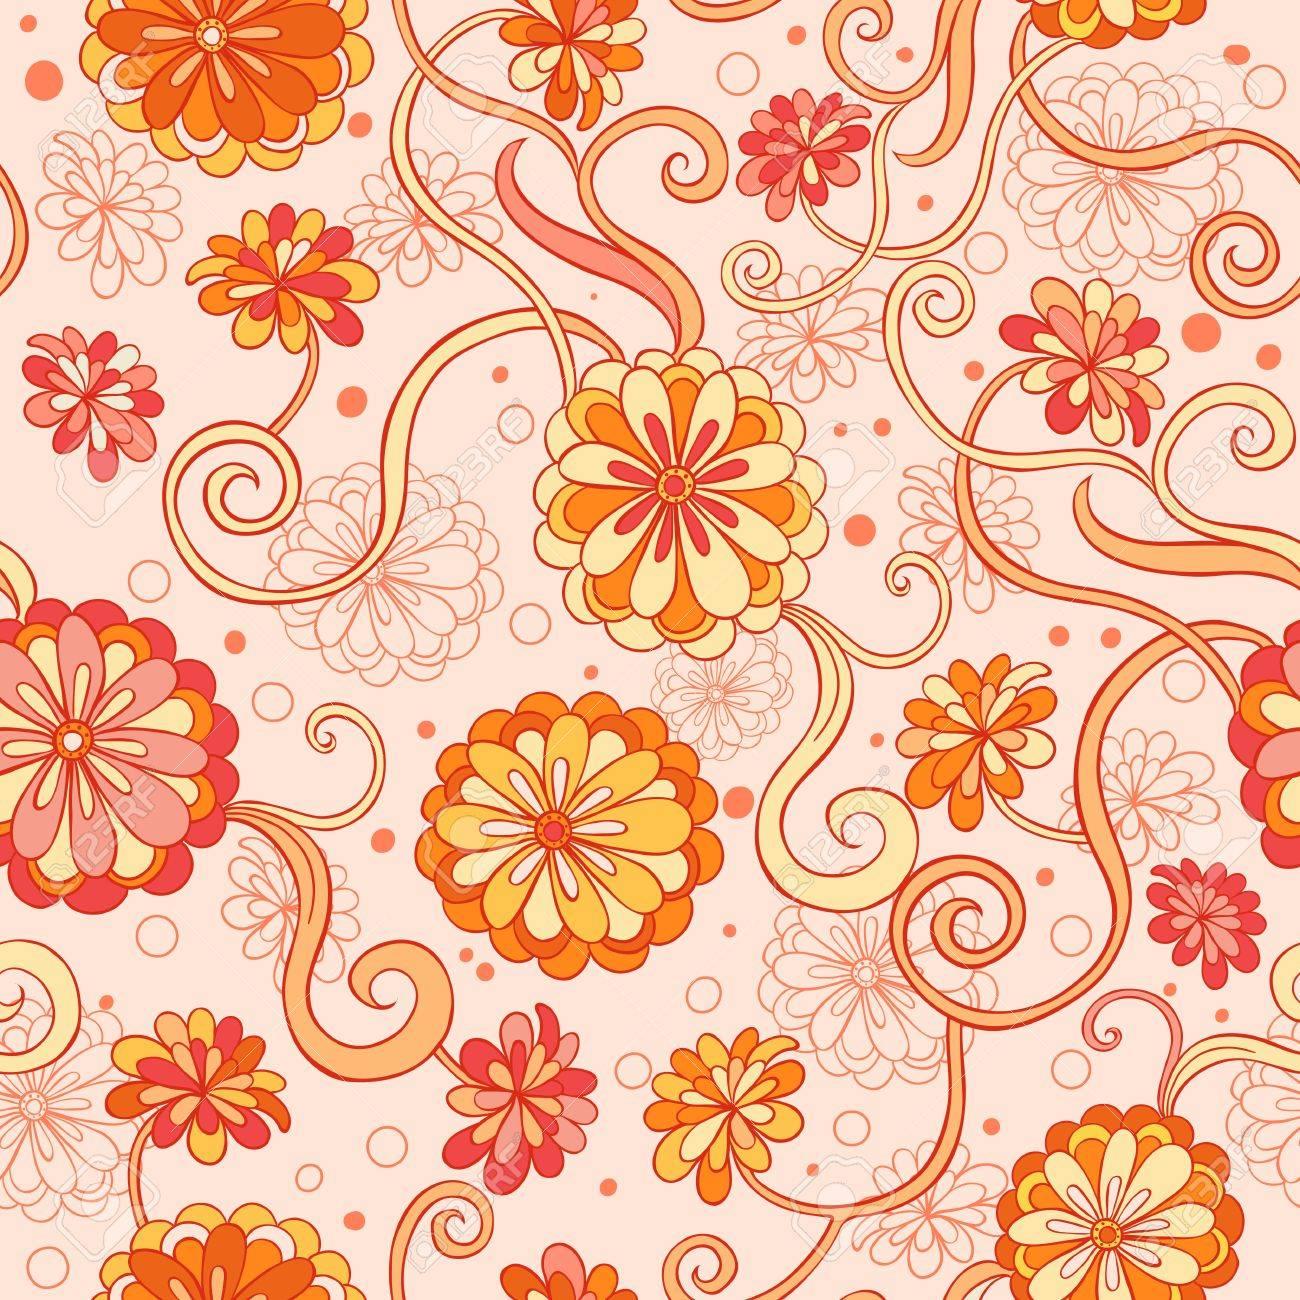 De Fondo Sin Fisuras Con Las Flores Estilizadas En Colores Cálidos